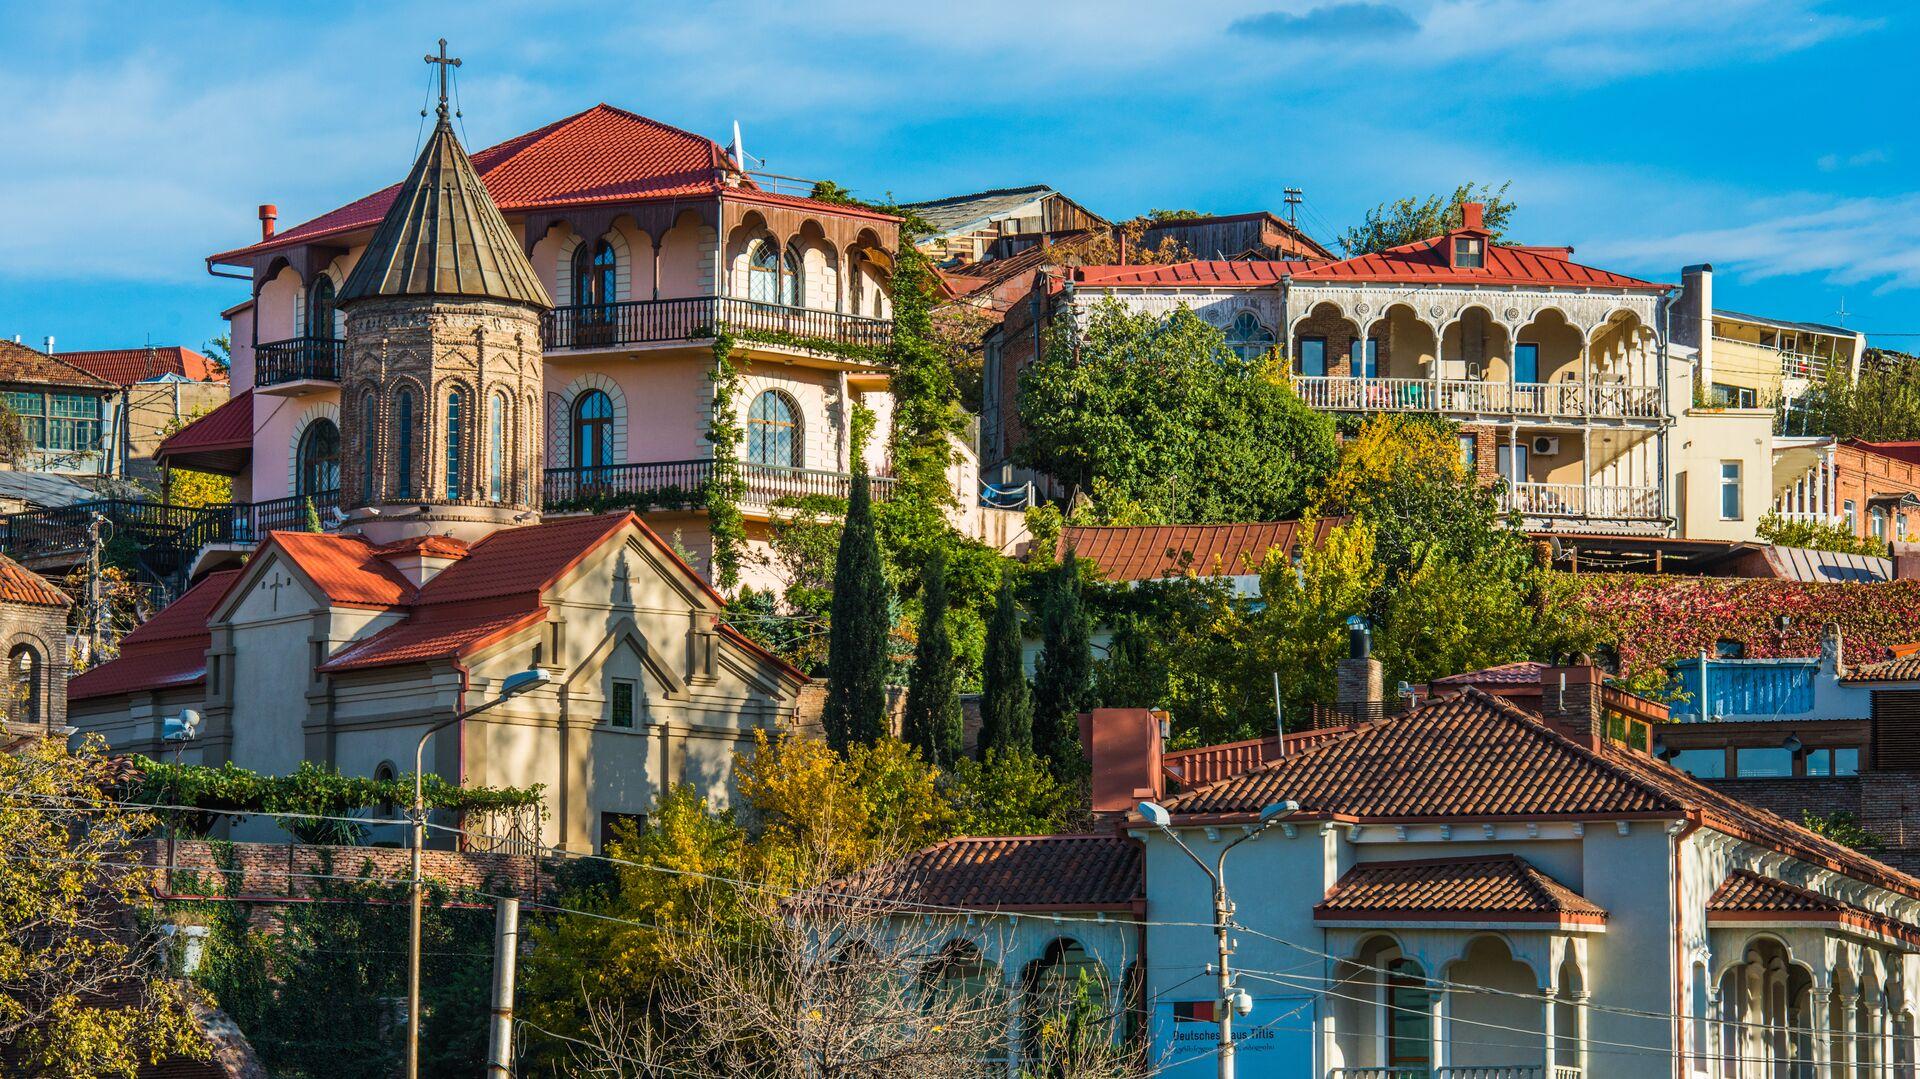 Город Тбилиси, Грузия - РИА Новости, 1920, 02.03.2021